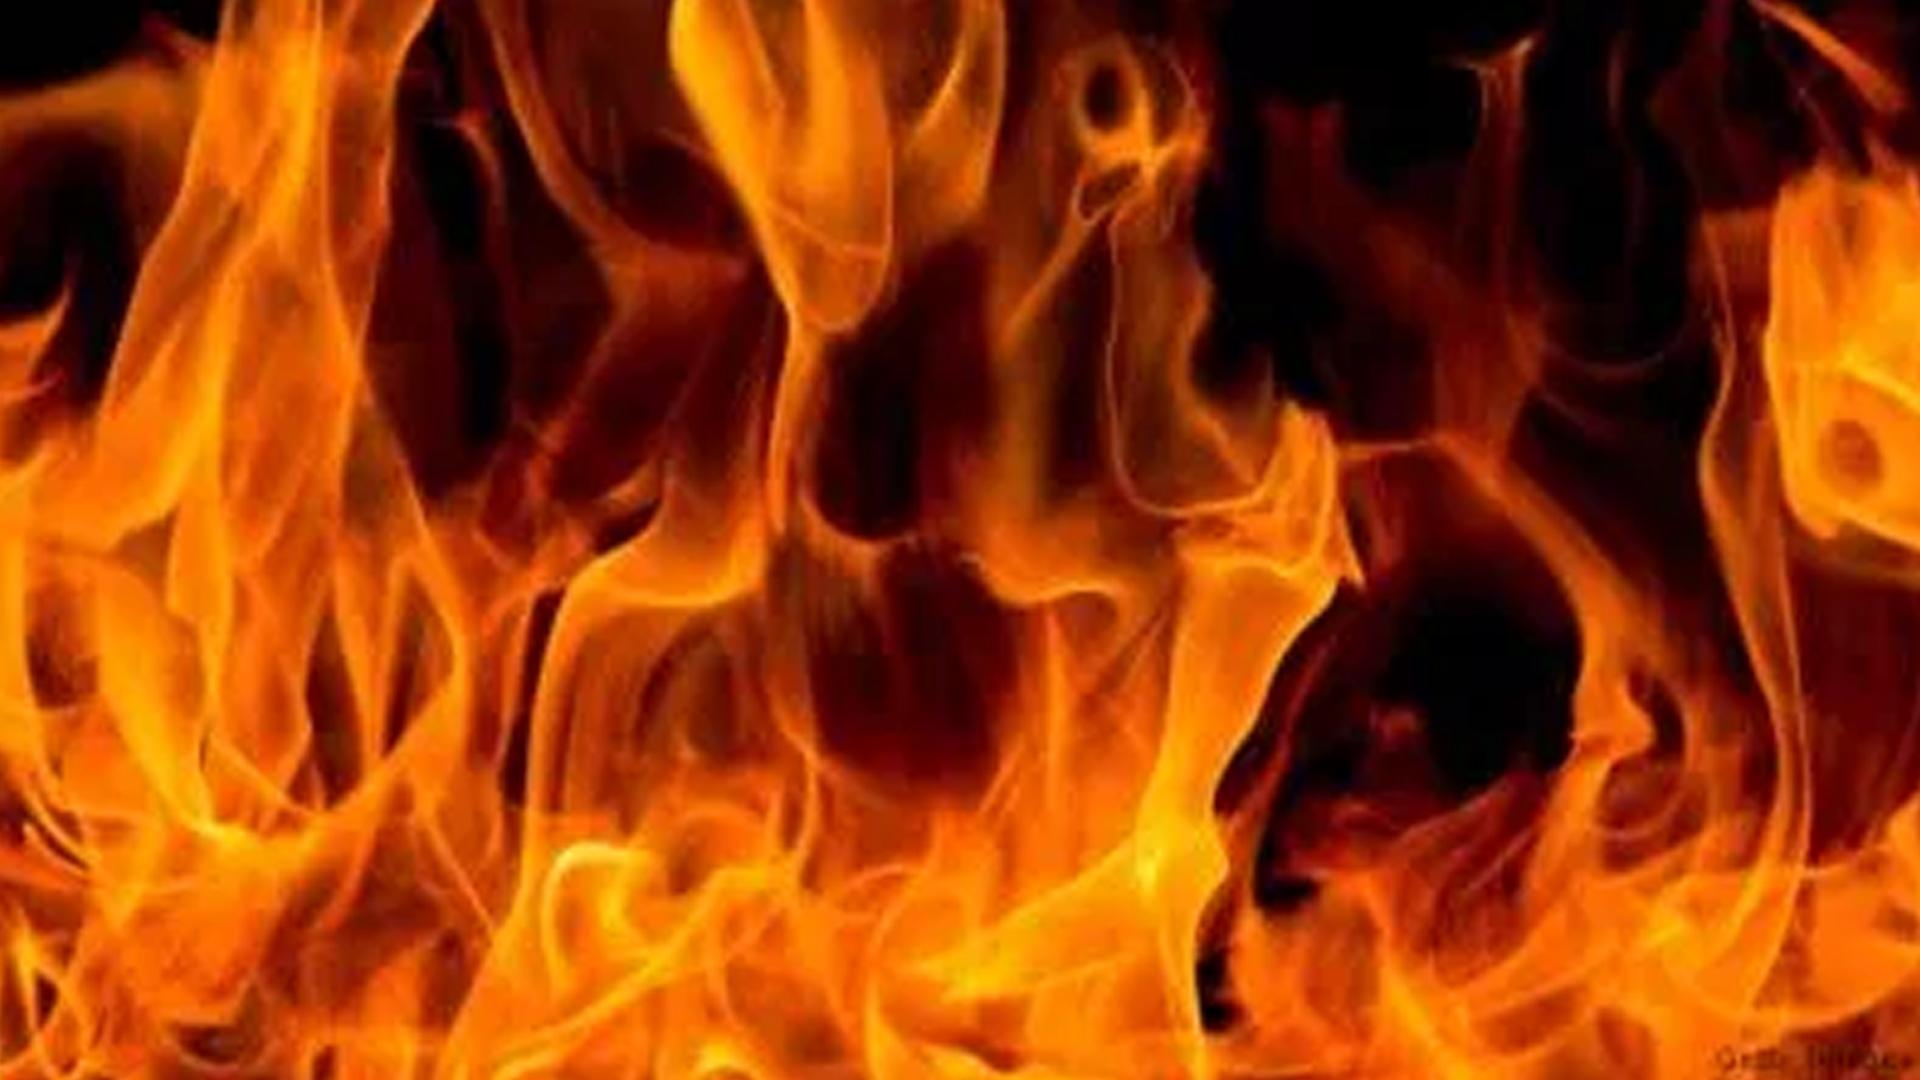 FIRE FLAMES_1551682391250.jpg.jpg